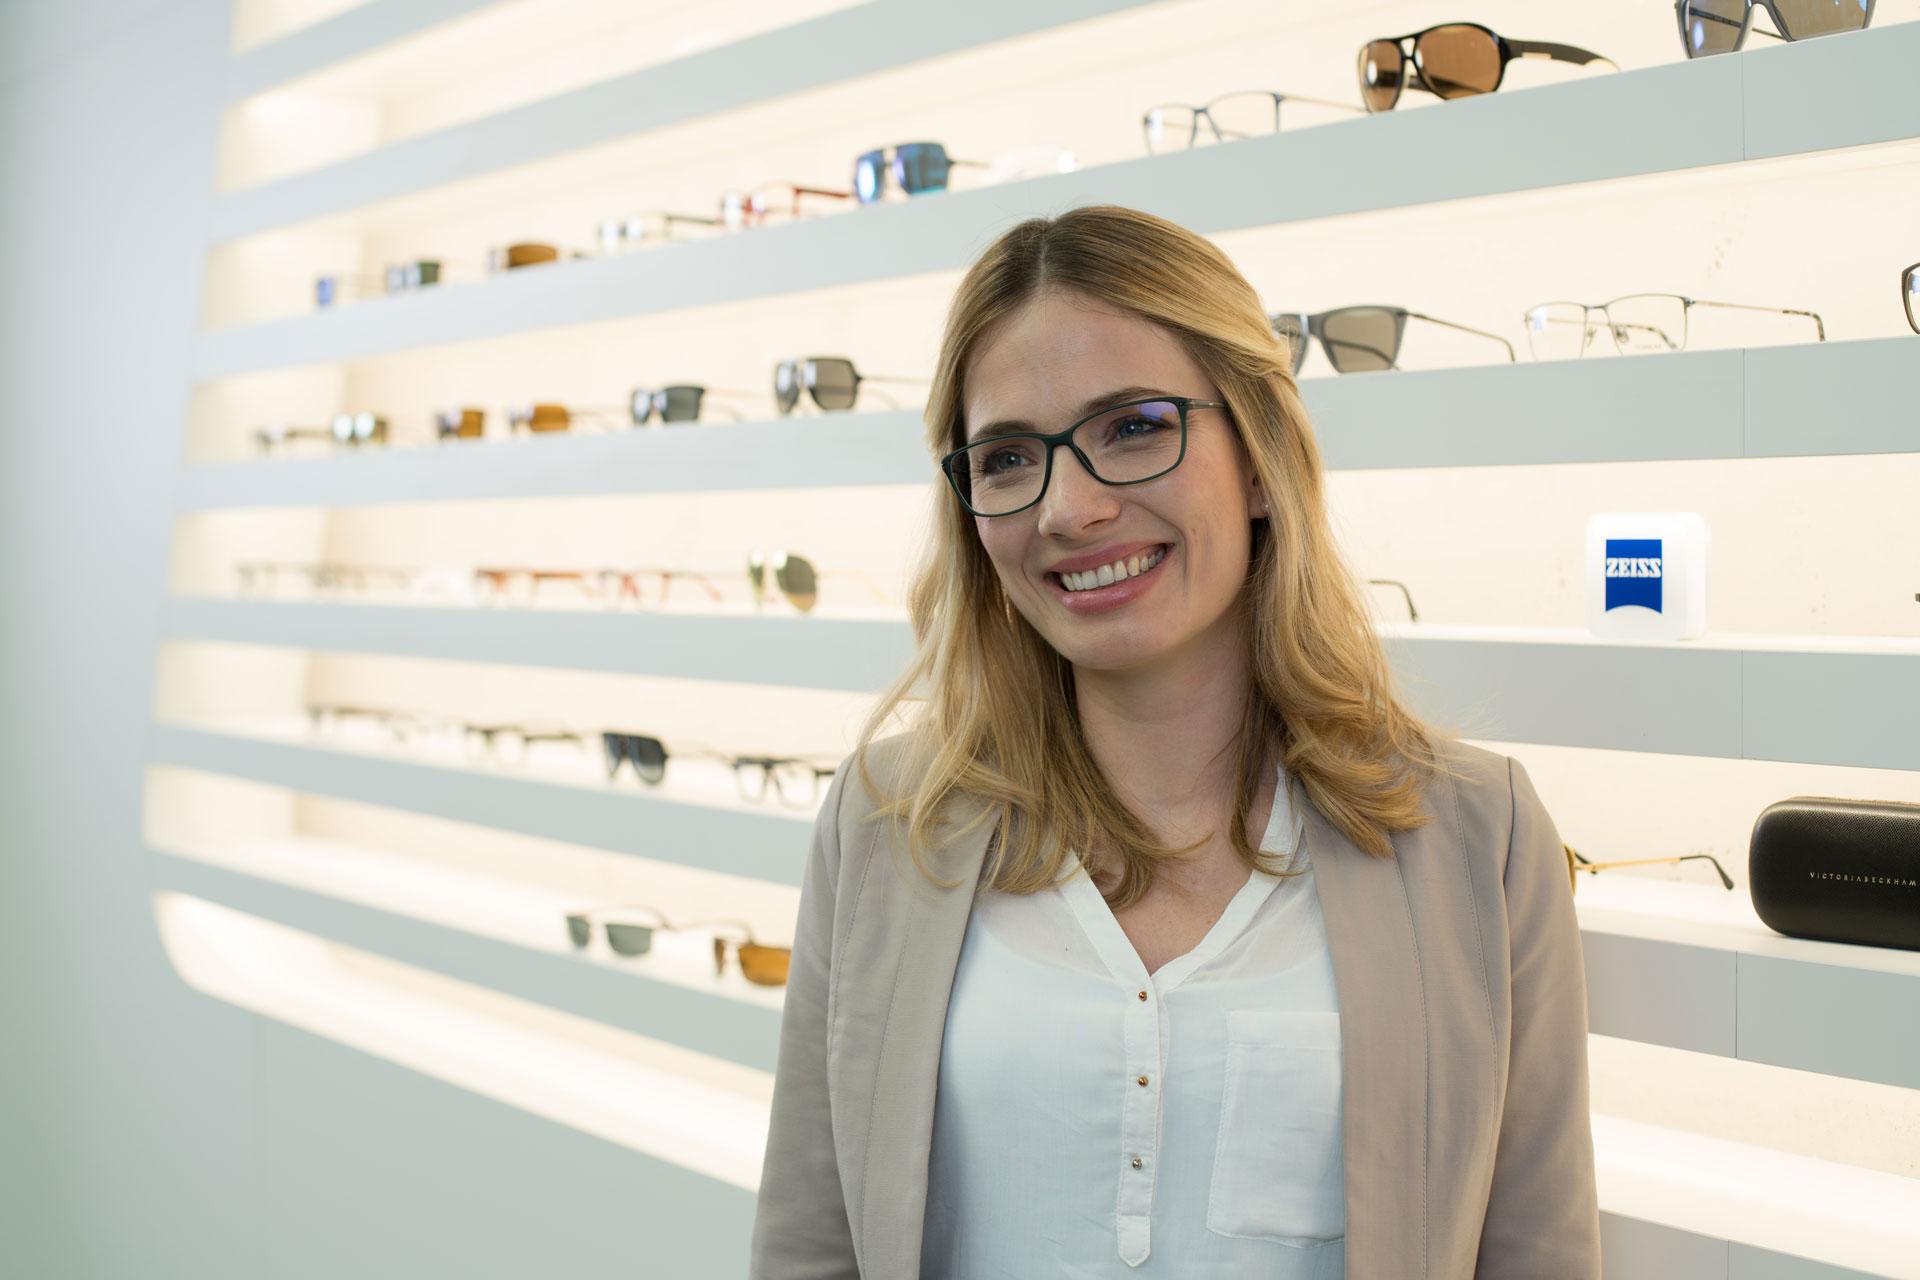 5fd5b9e6f4 Consejos para comprar gafas: cómo elegir las más adecuadas